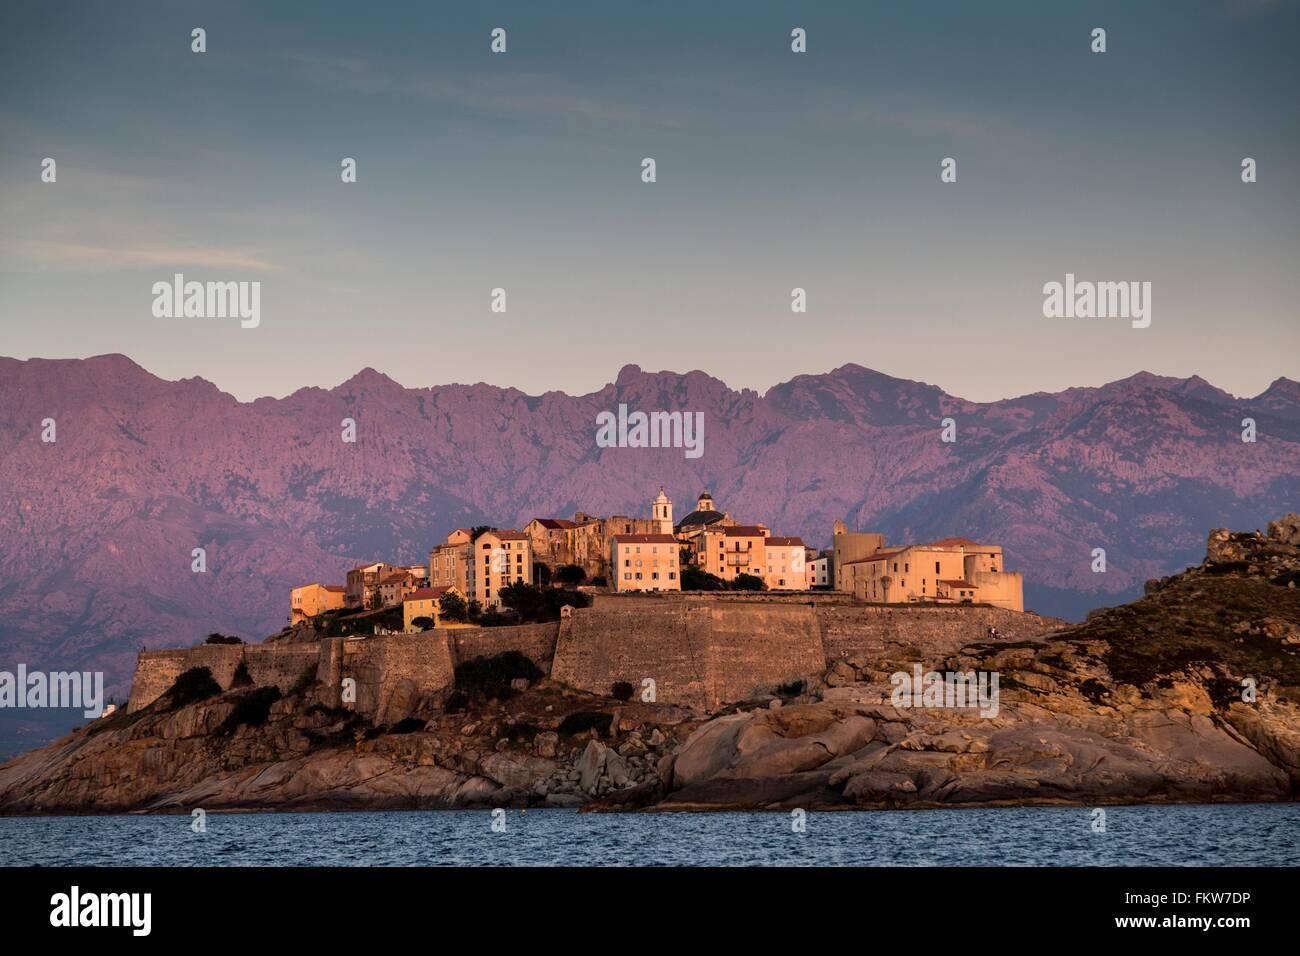 Sehen Sie Meer und Calvi auf Landzunge in der Abenddämmerung, Korsika, Frankreich Stockbild